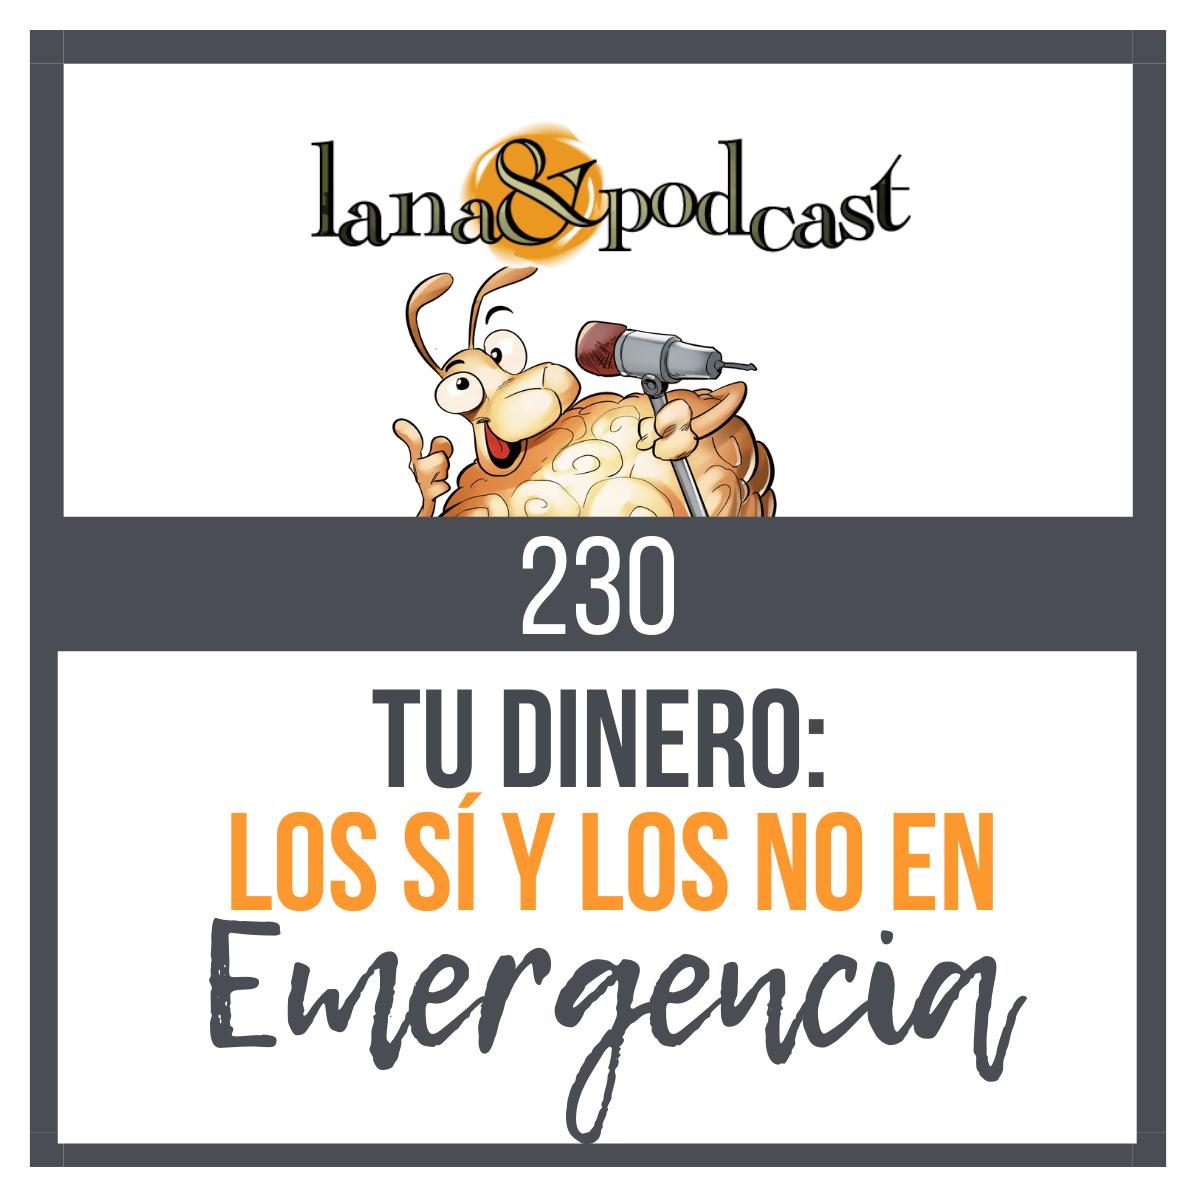 Tu dinero: los sí y los no en tiempos de emergencia. Podcast #230